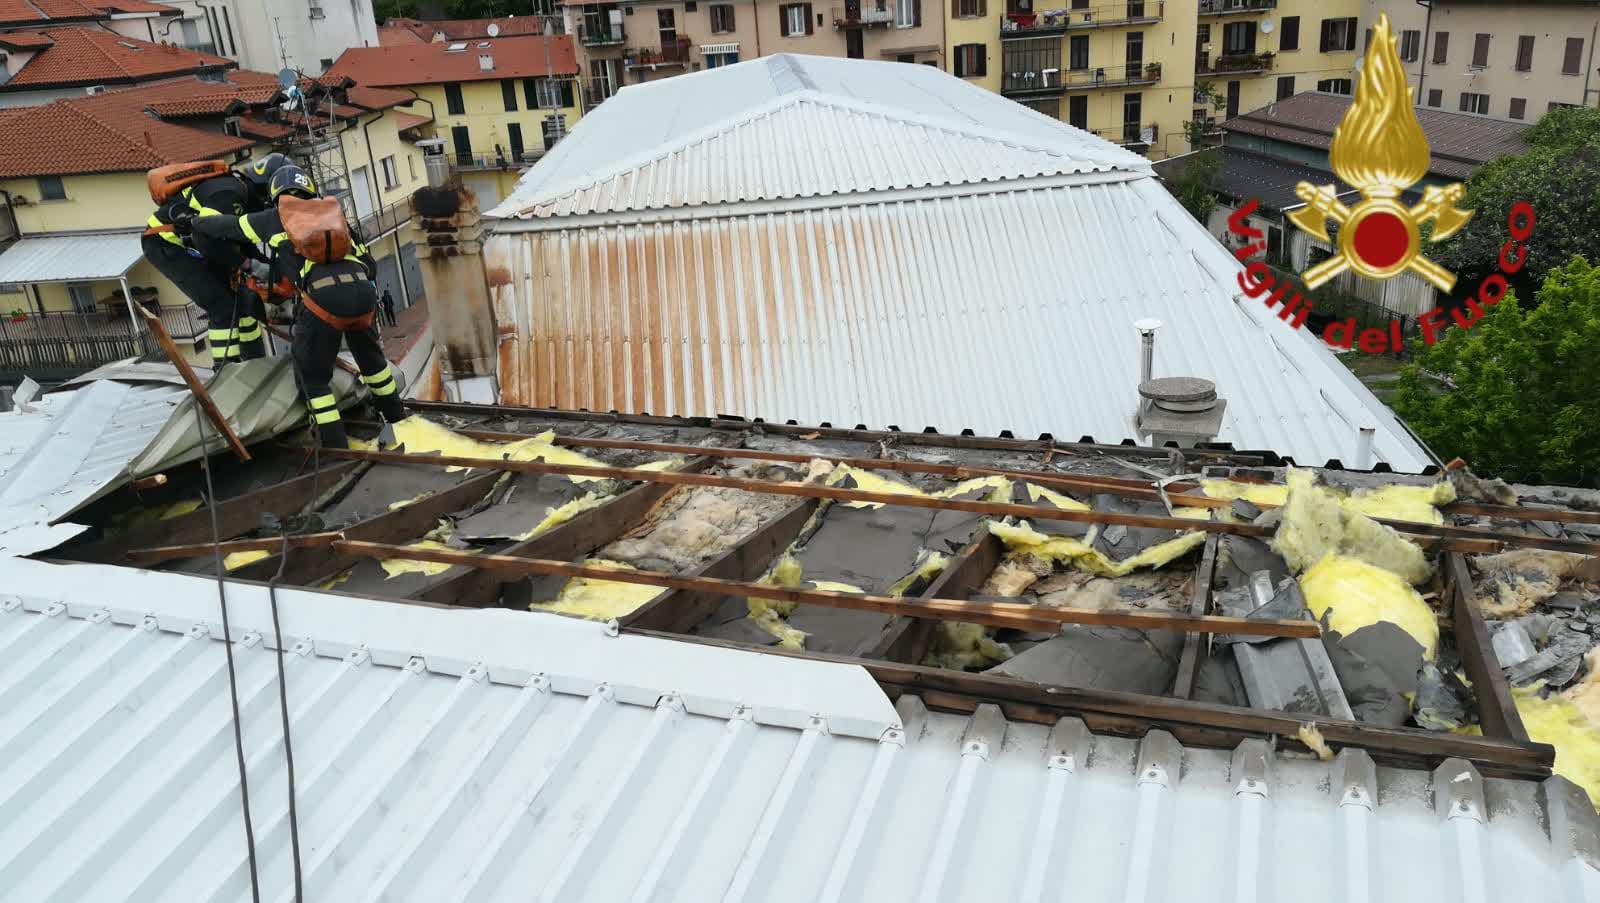 tetto scoperchiato dal vento in Napoleona a Como a causa del forte vento